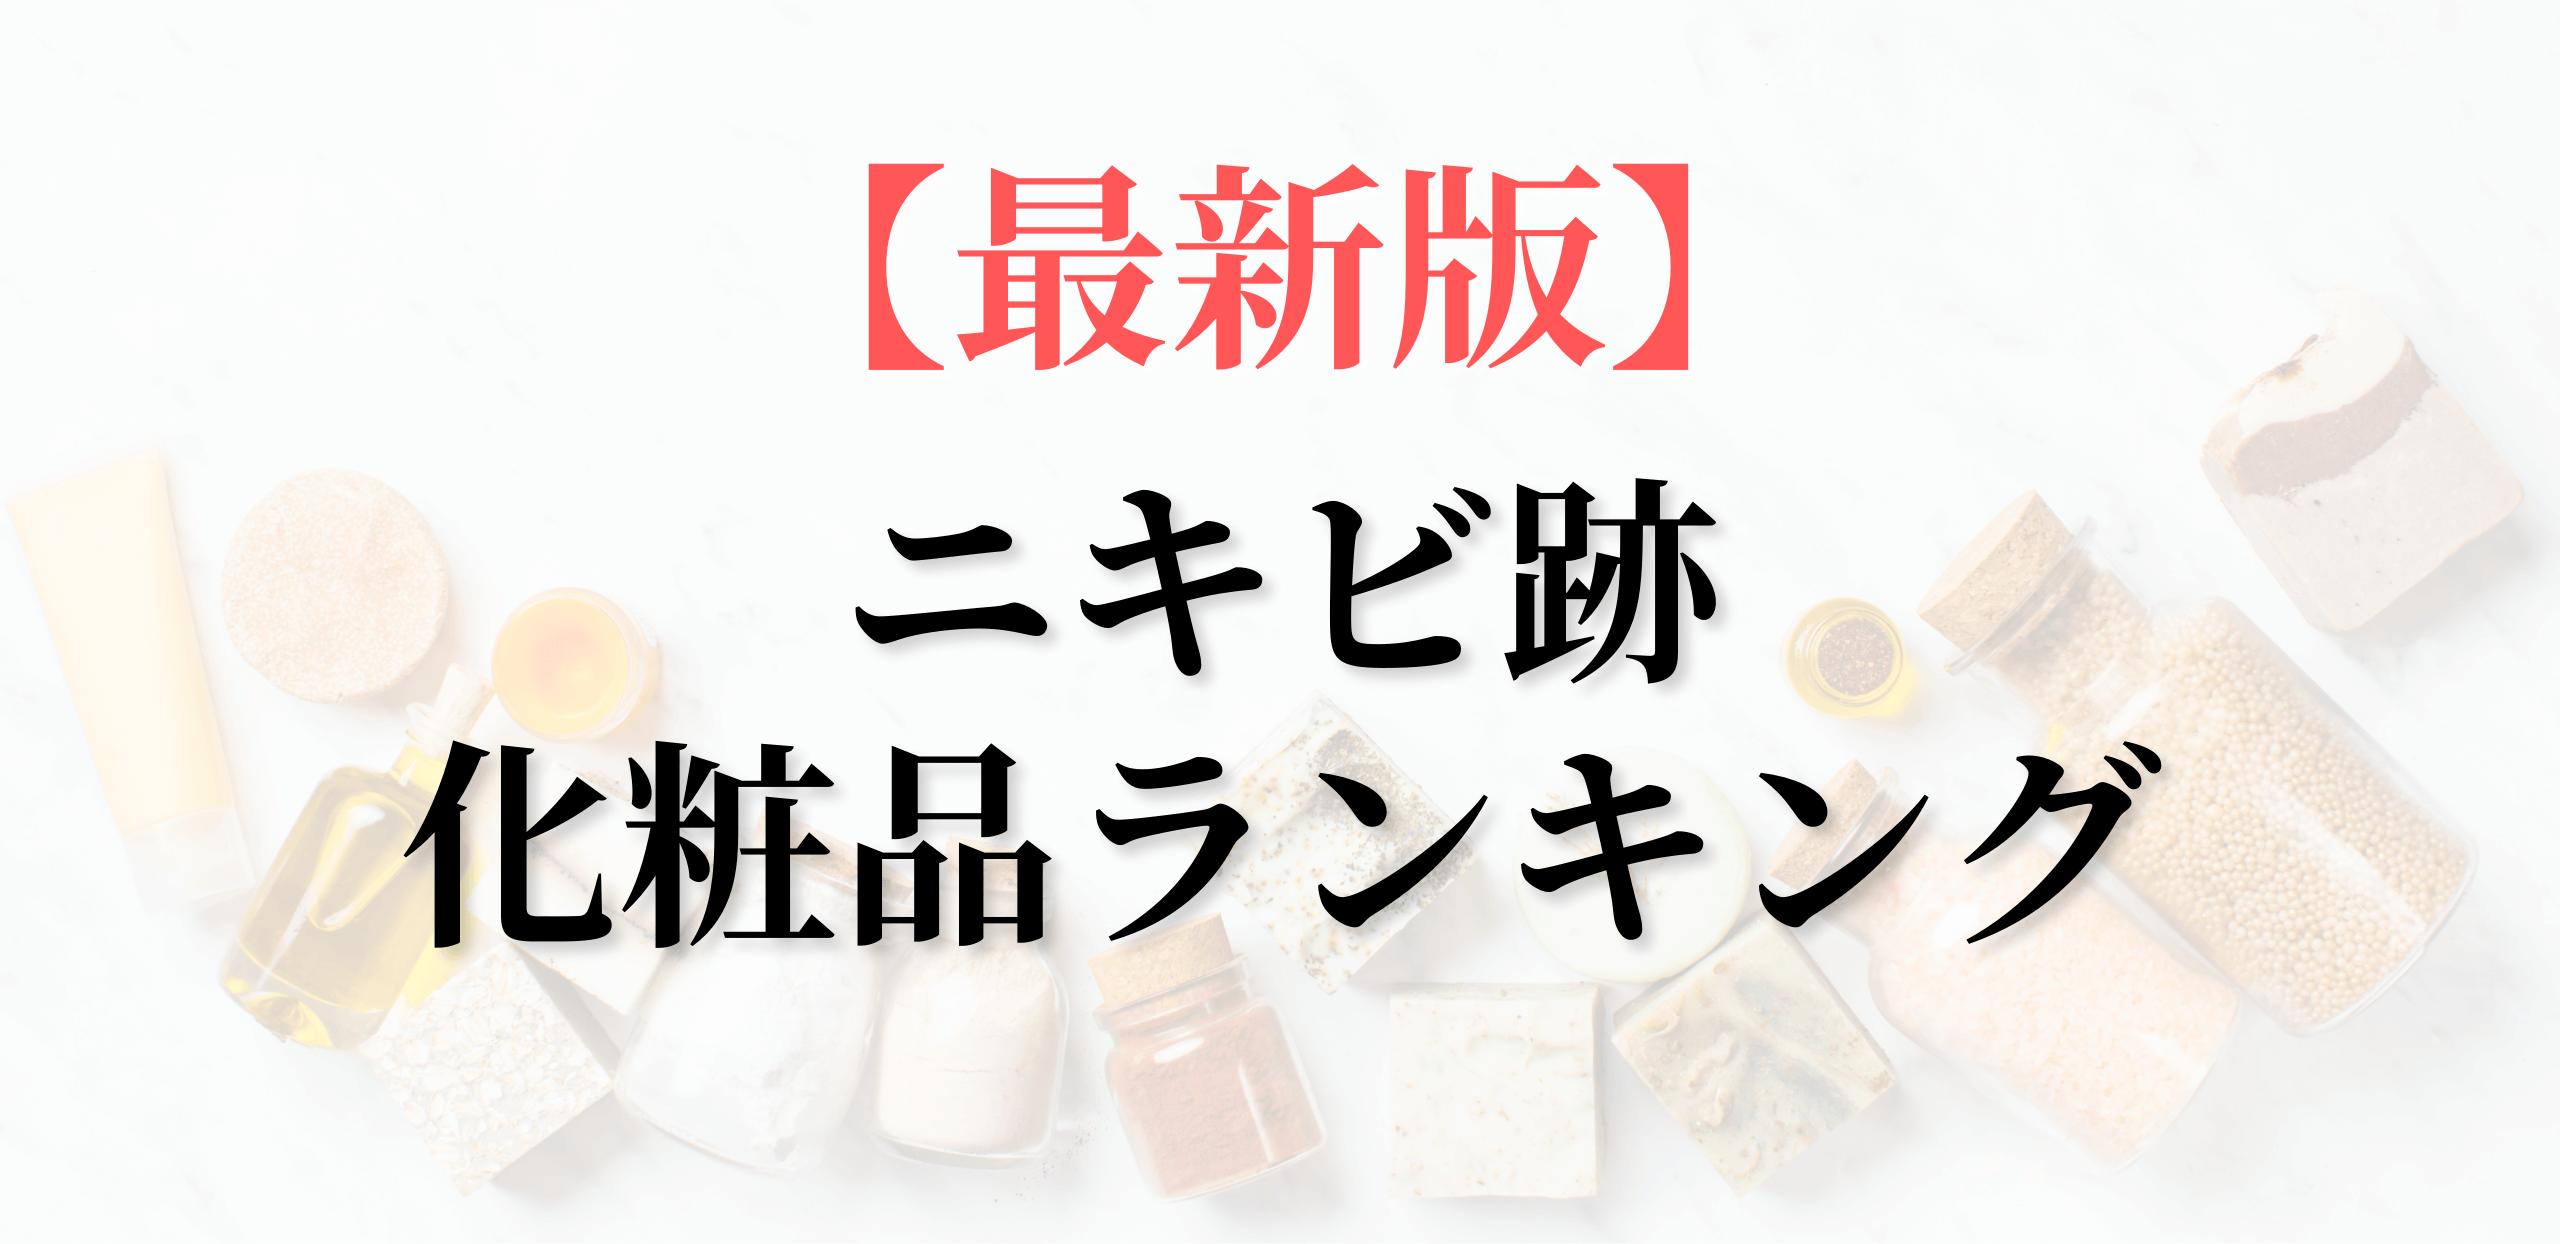 【最新版】おすすめのニキビ跡化粧品ランキング【敏感肌向け】